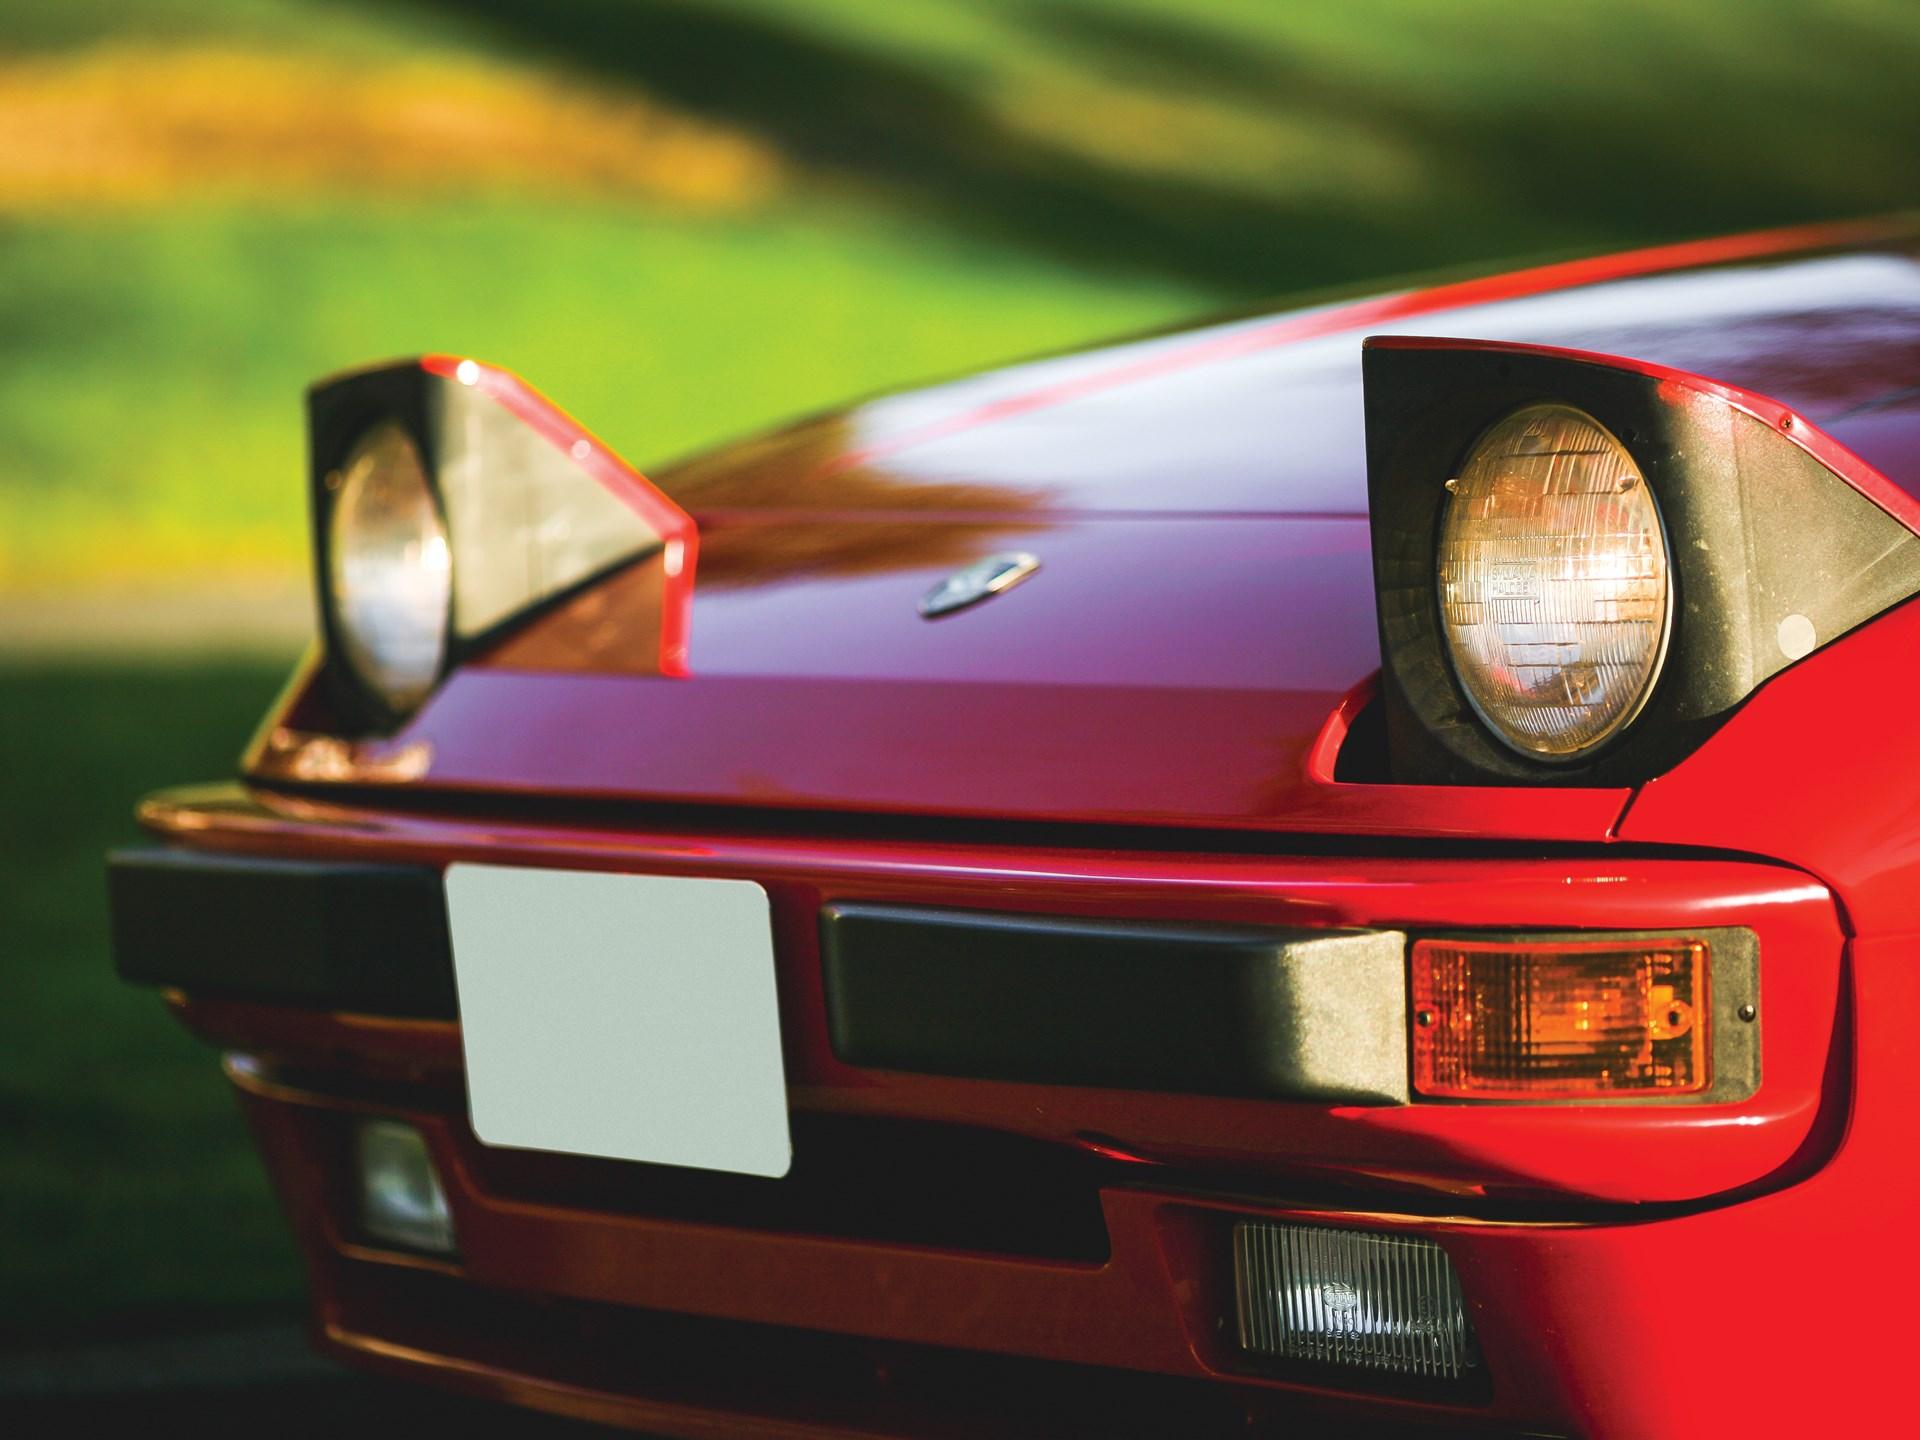 1984 Porsche 944 headlights up